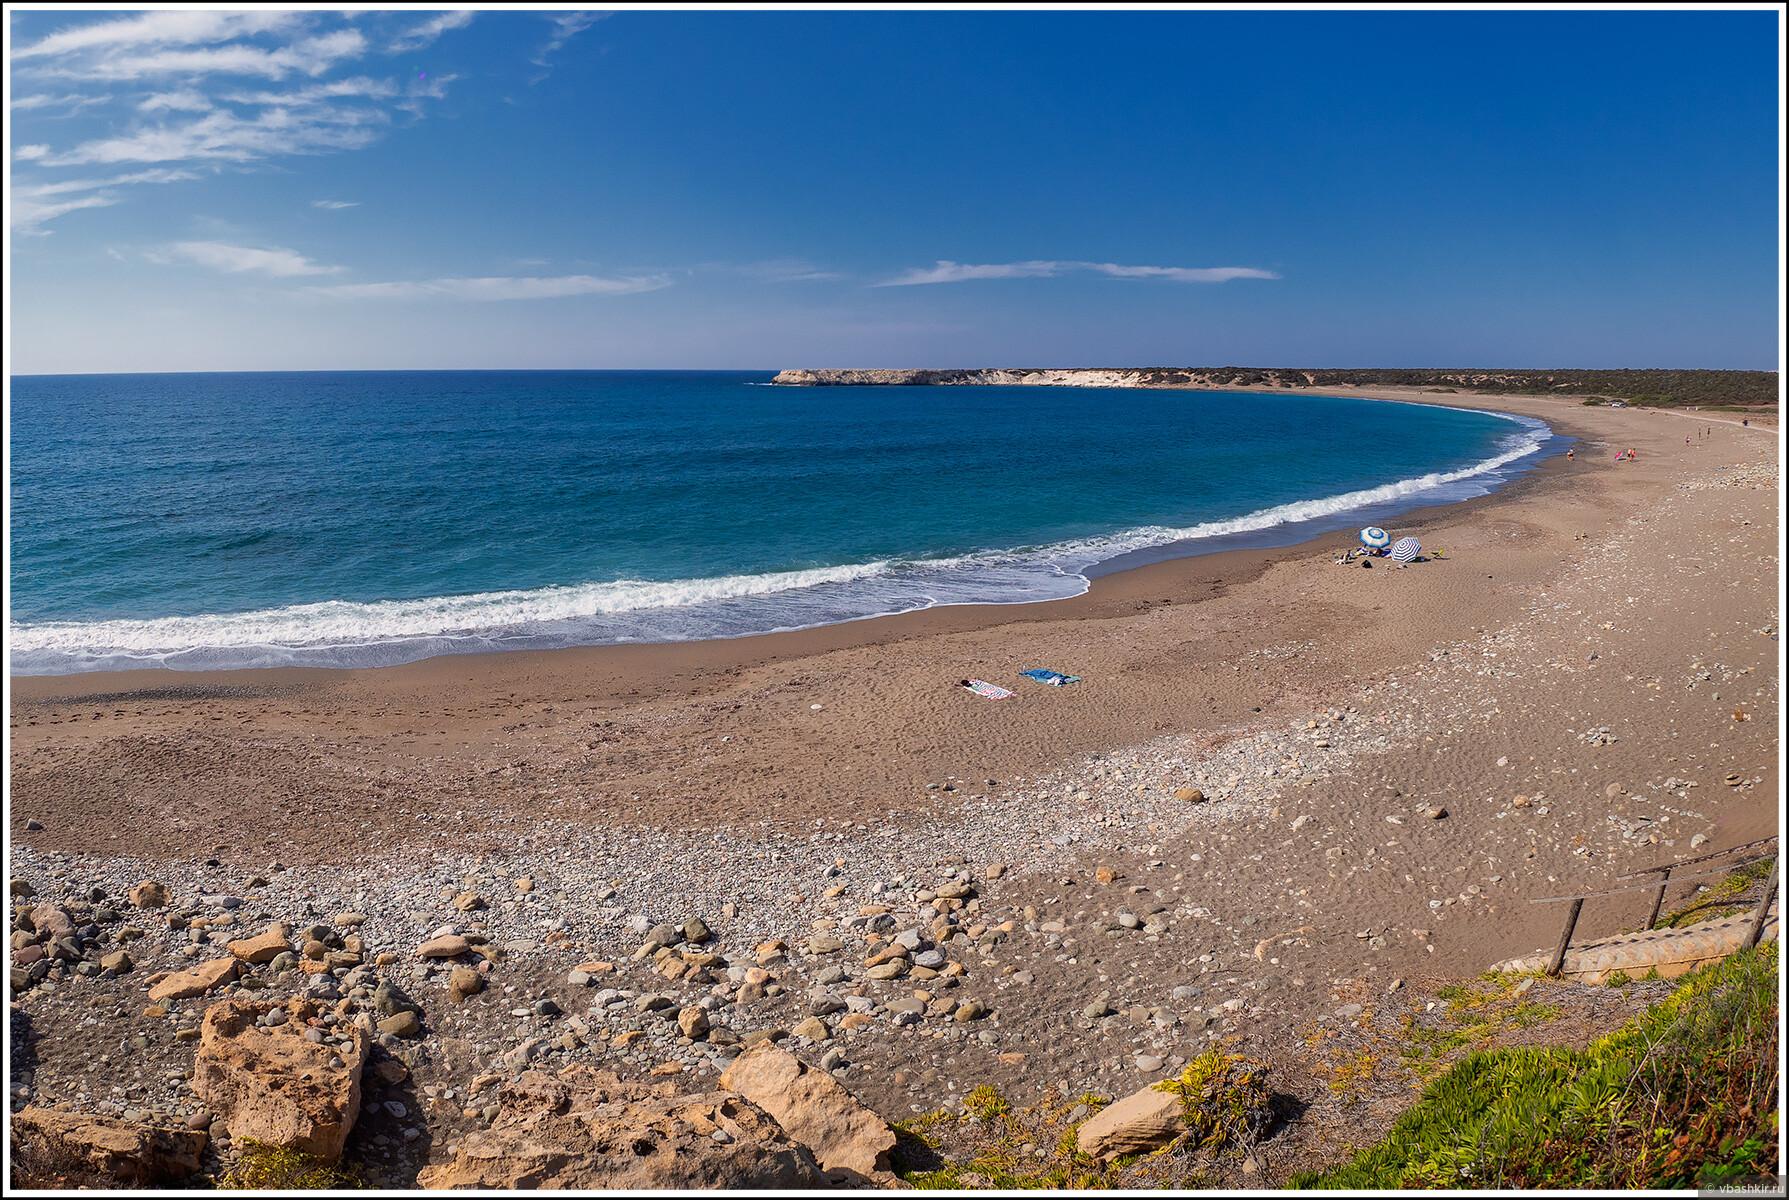 О многолюдности кипрских пляжей. Пляж Лара. Температура воды +25. Аня и мама купались минут 40)) , Кипроведение для мам